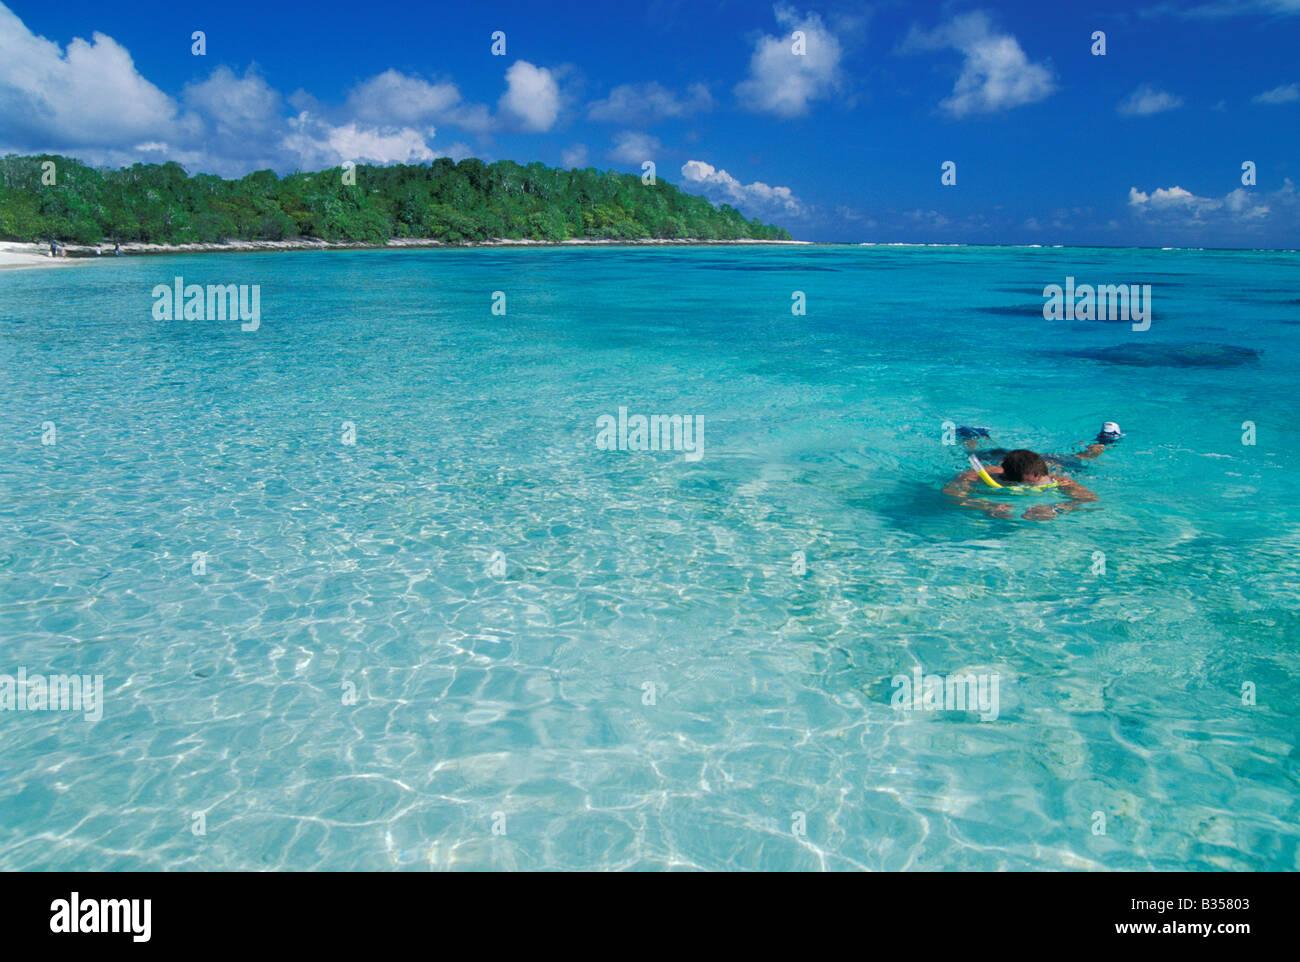 Snorkeling in the lagoon at Bikini Atoll Marshall Islands Micronesia - Stock Image